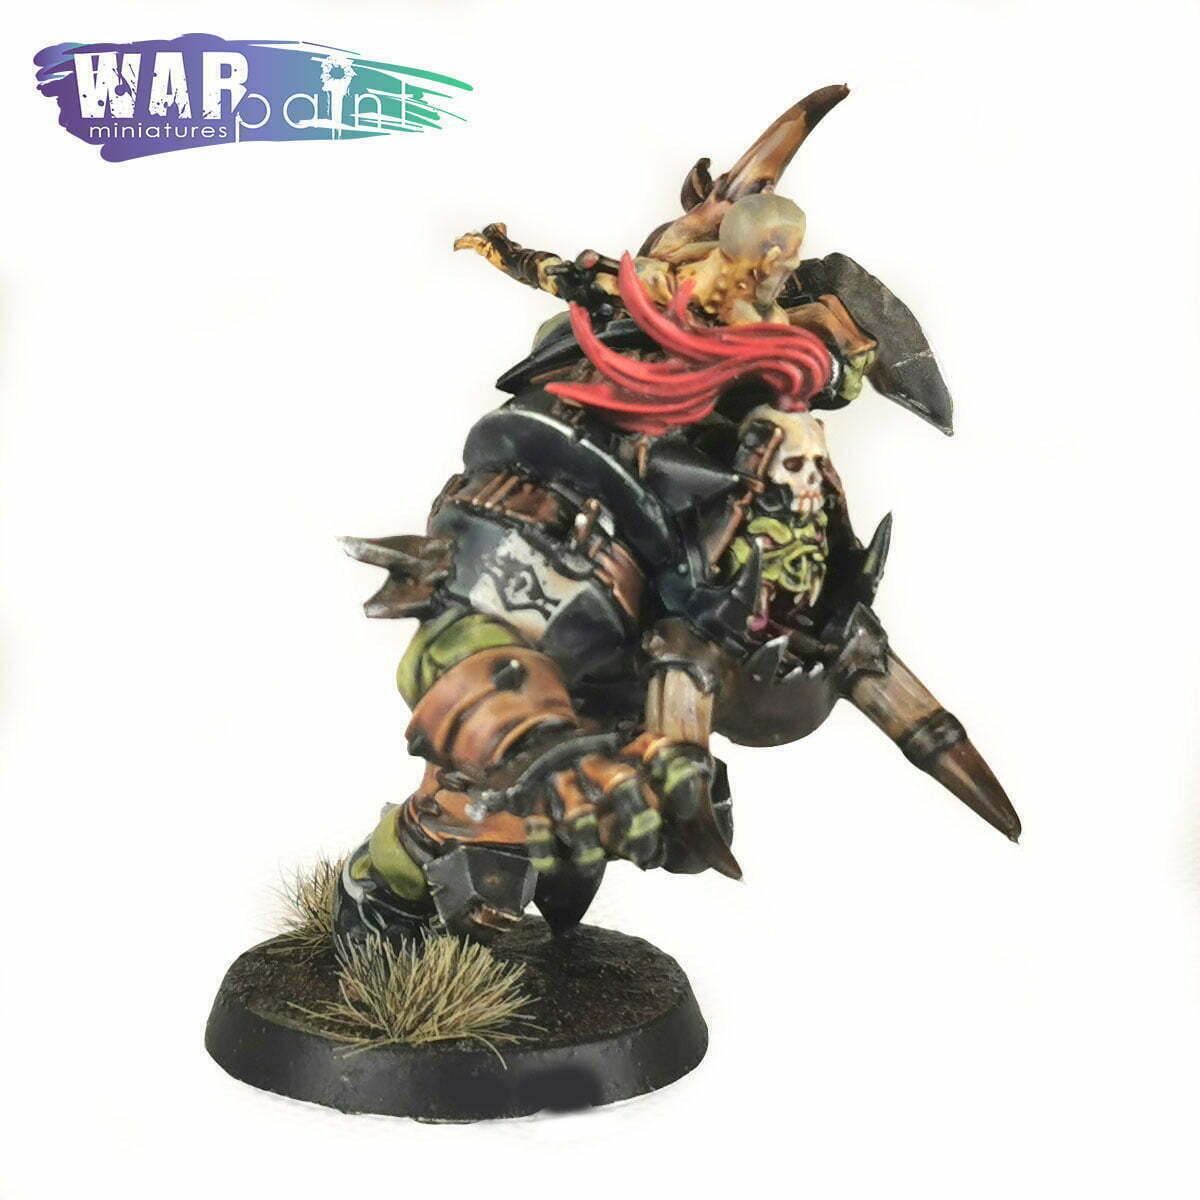 Varak-Goul-Chewer-Blood-Bowl-2